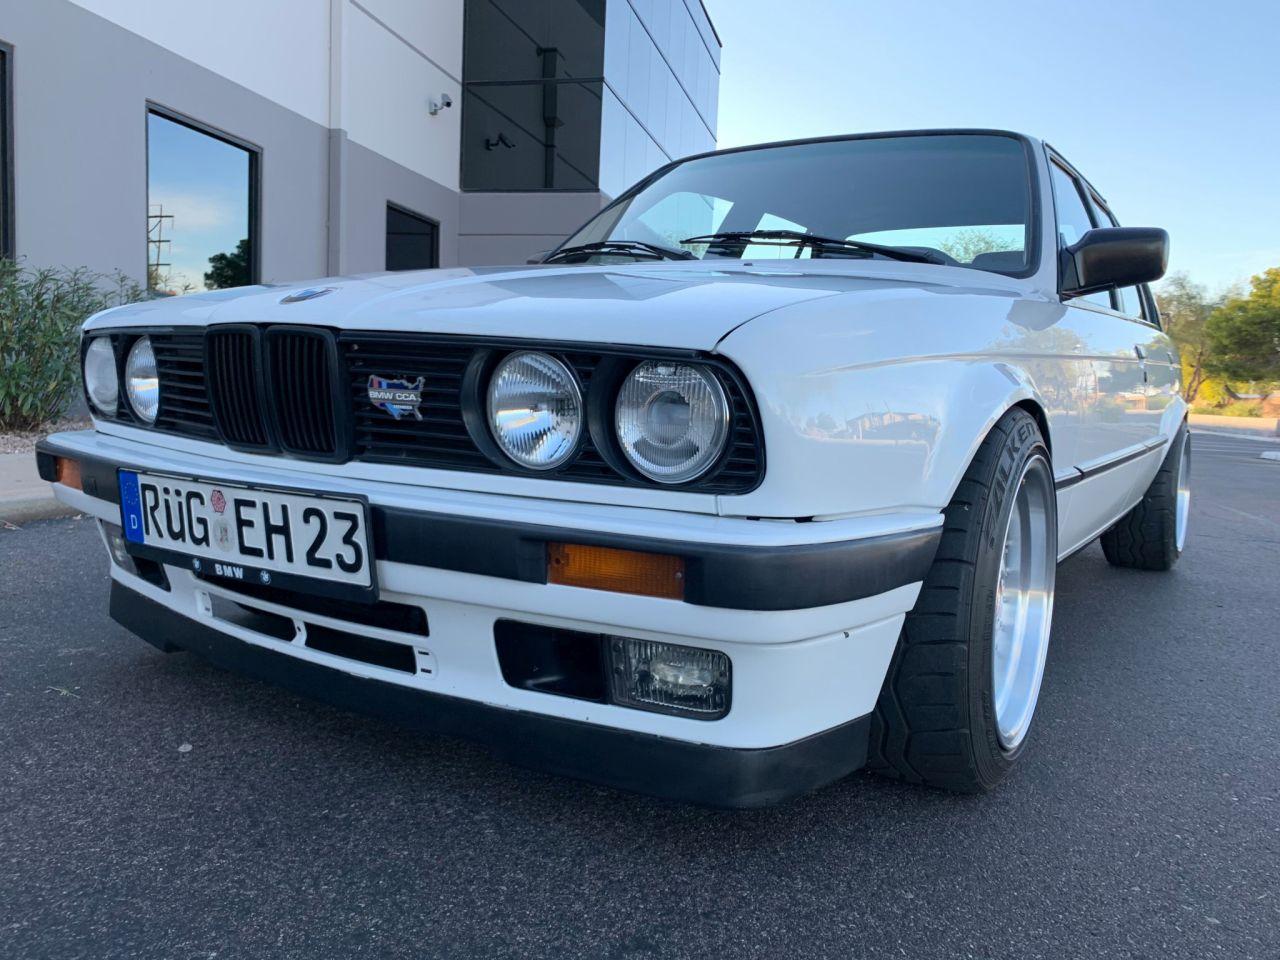 BMW 325i en S62 - Parce que 8, c'est mieux que 6 ! 3